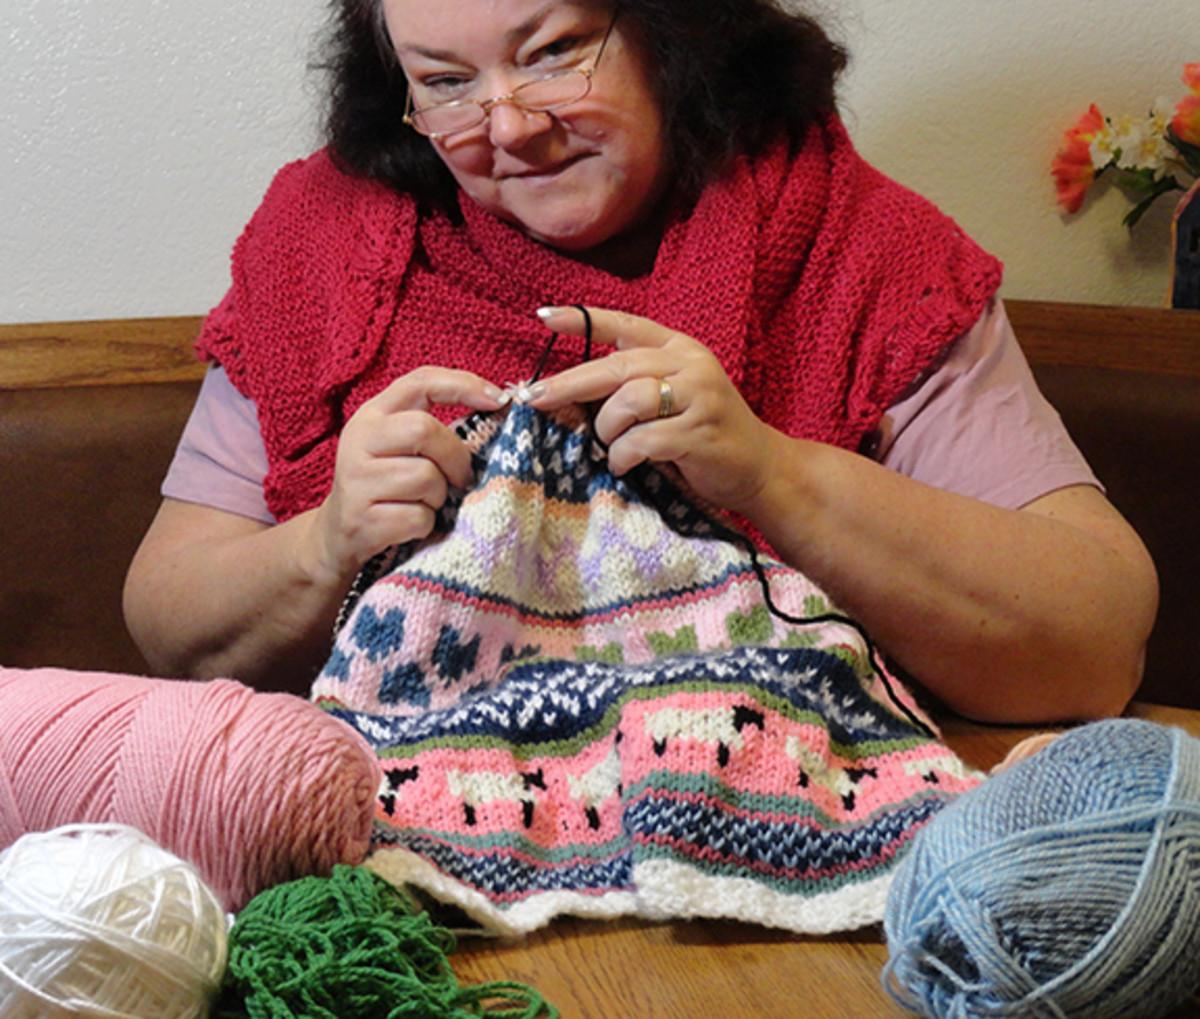 Me knitting.